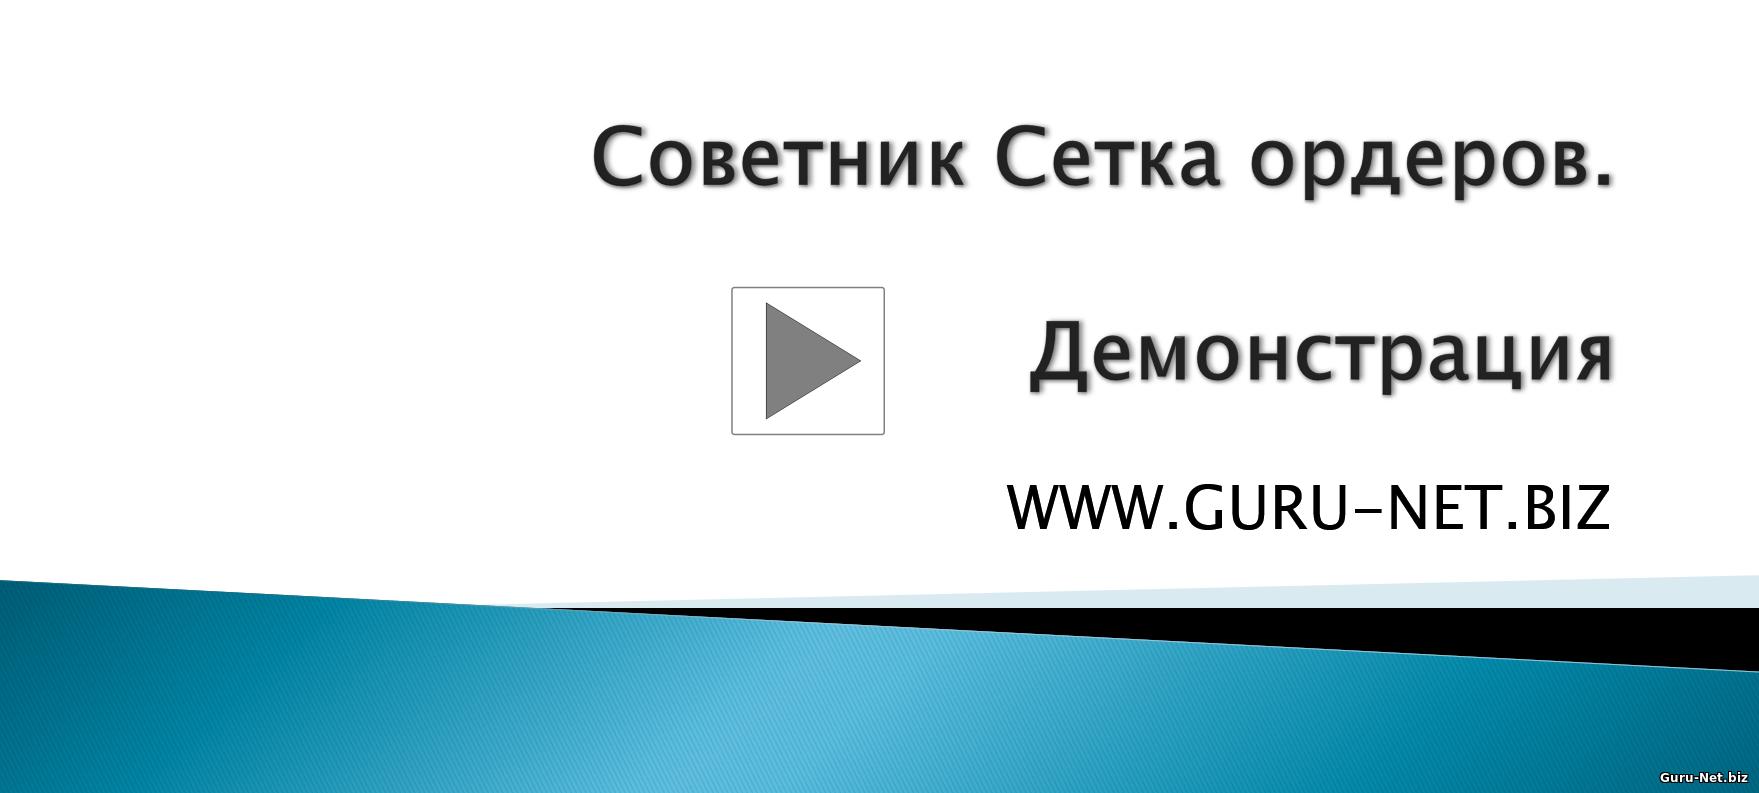 Демонстрация советника Сетка ордеров